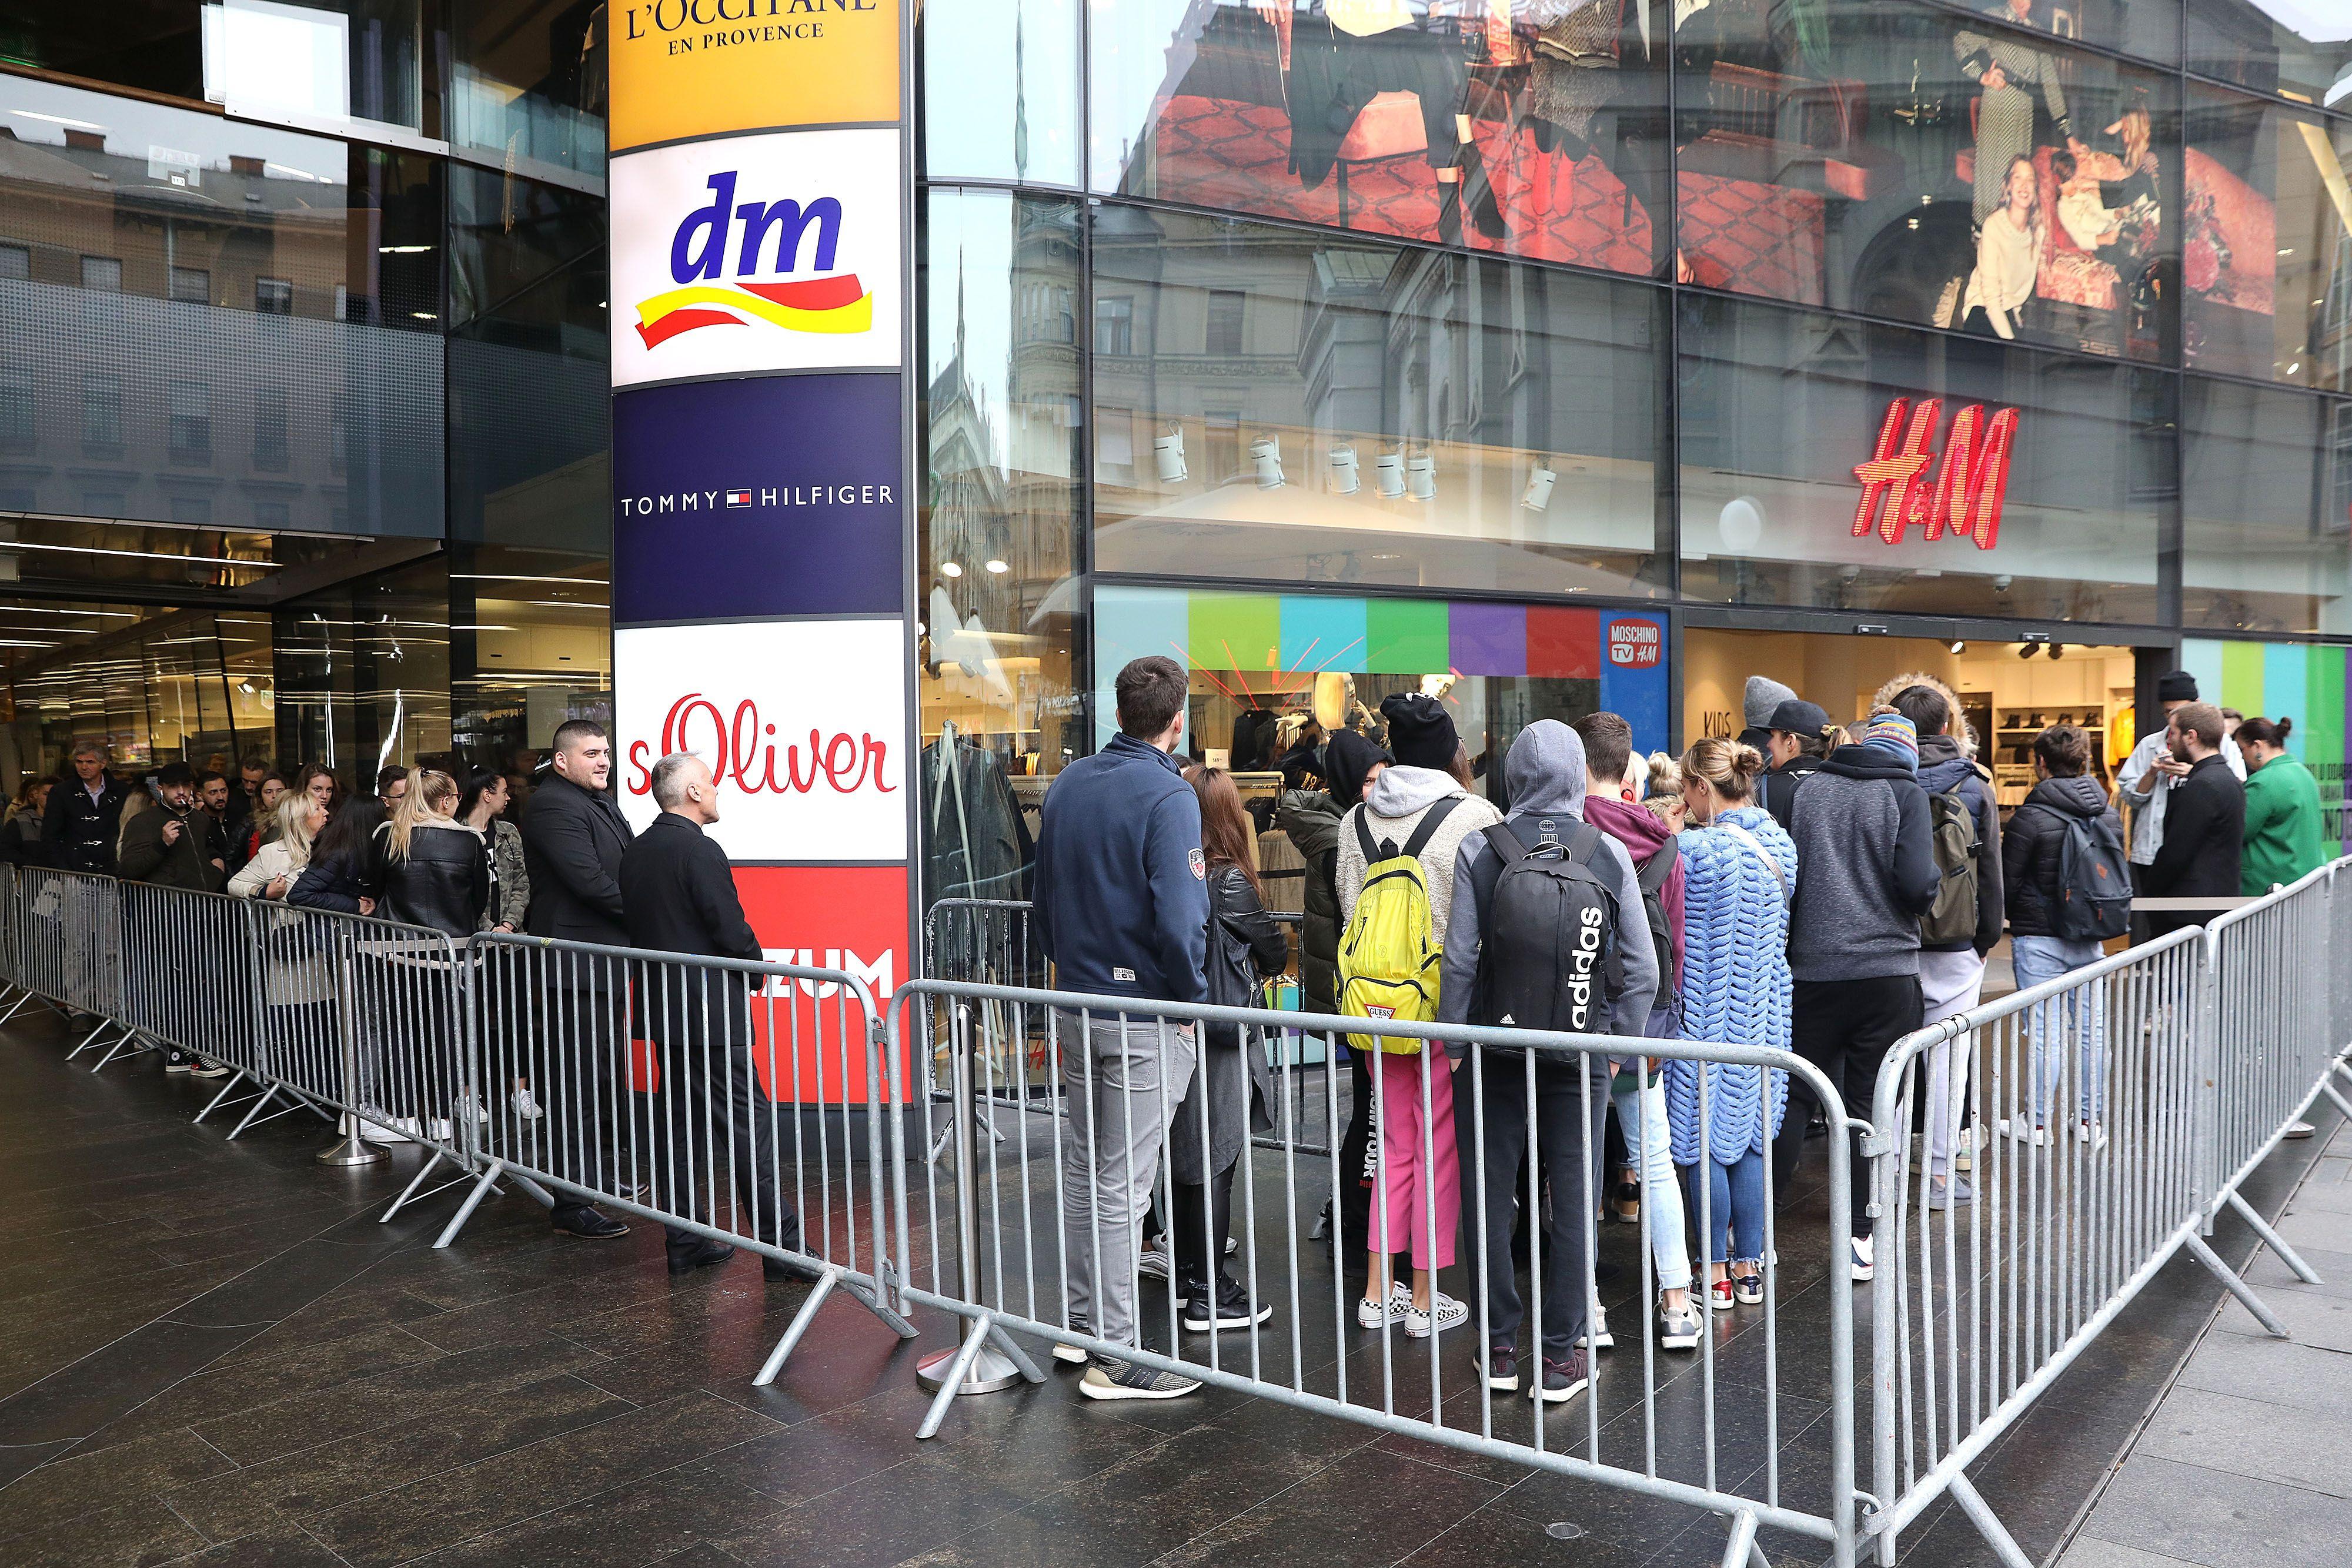 Ludnica od ranog jutra u centru Zagreba: Ljudi čekali ispred H&M-a u redovima jer je došla nova dizajnerska kolekcija